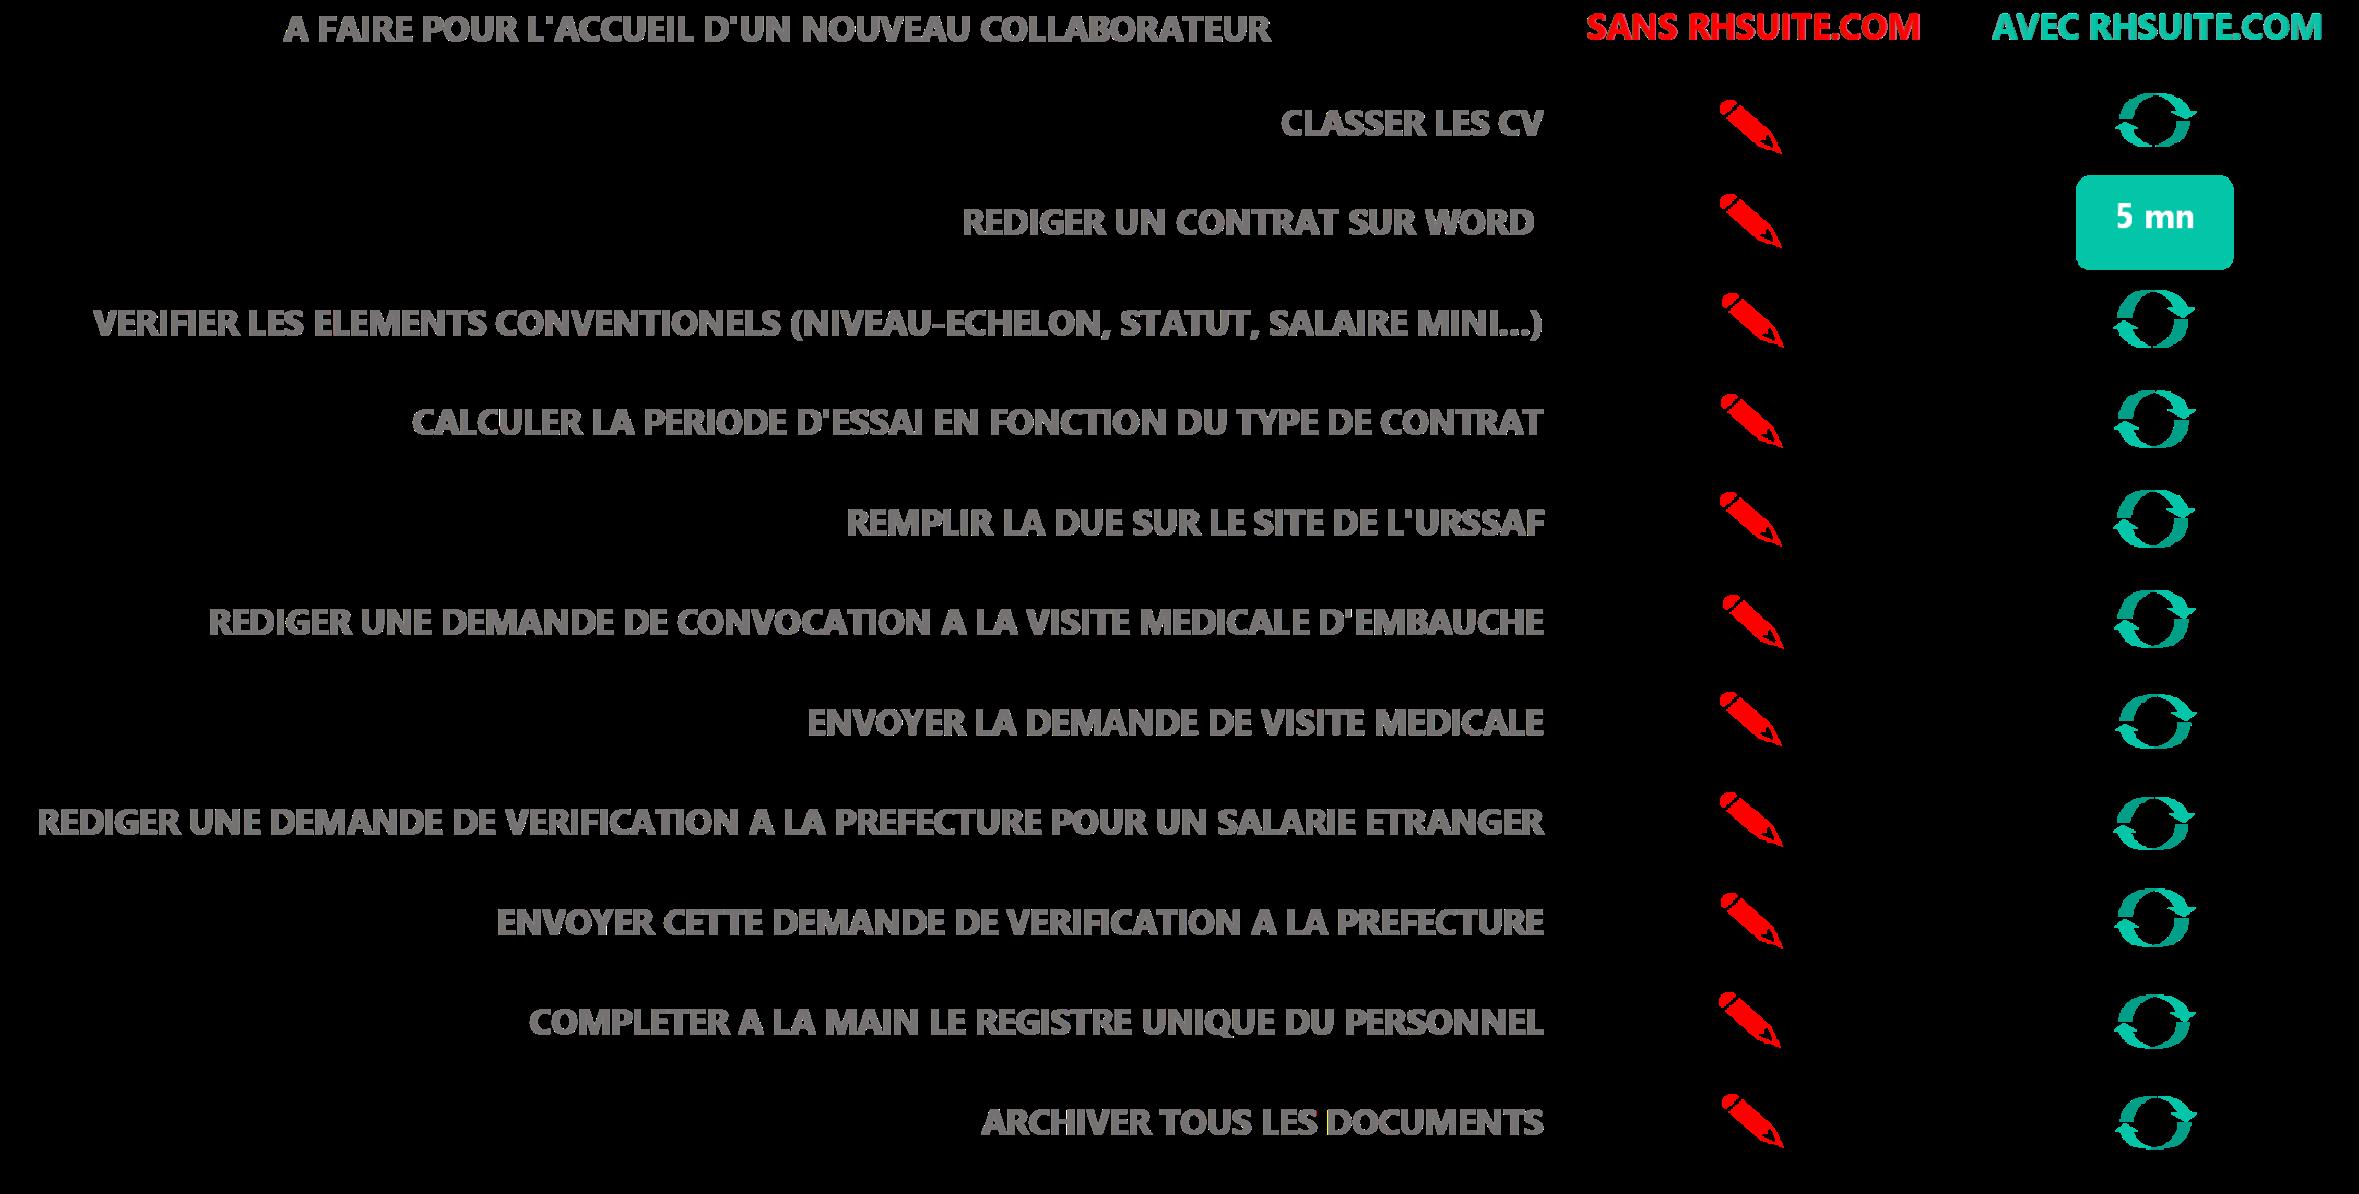 Les avantages du Module Contrat du SIRH en mode SAAS RHSUITE.COM